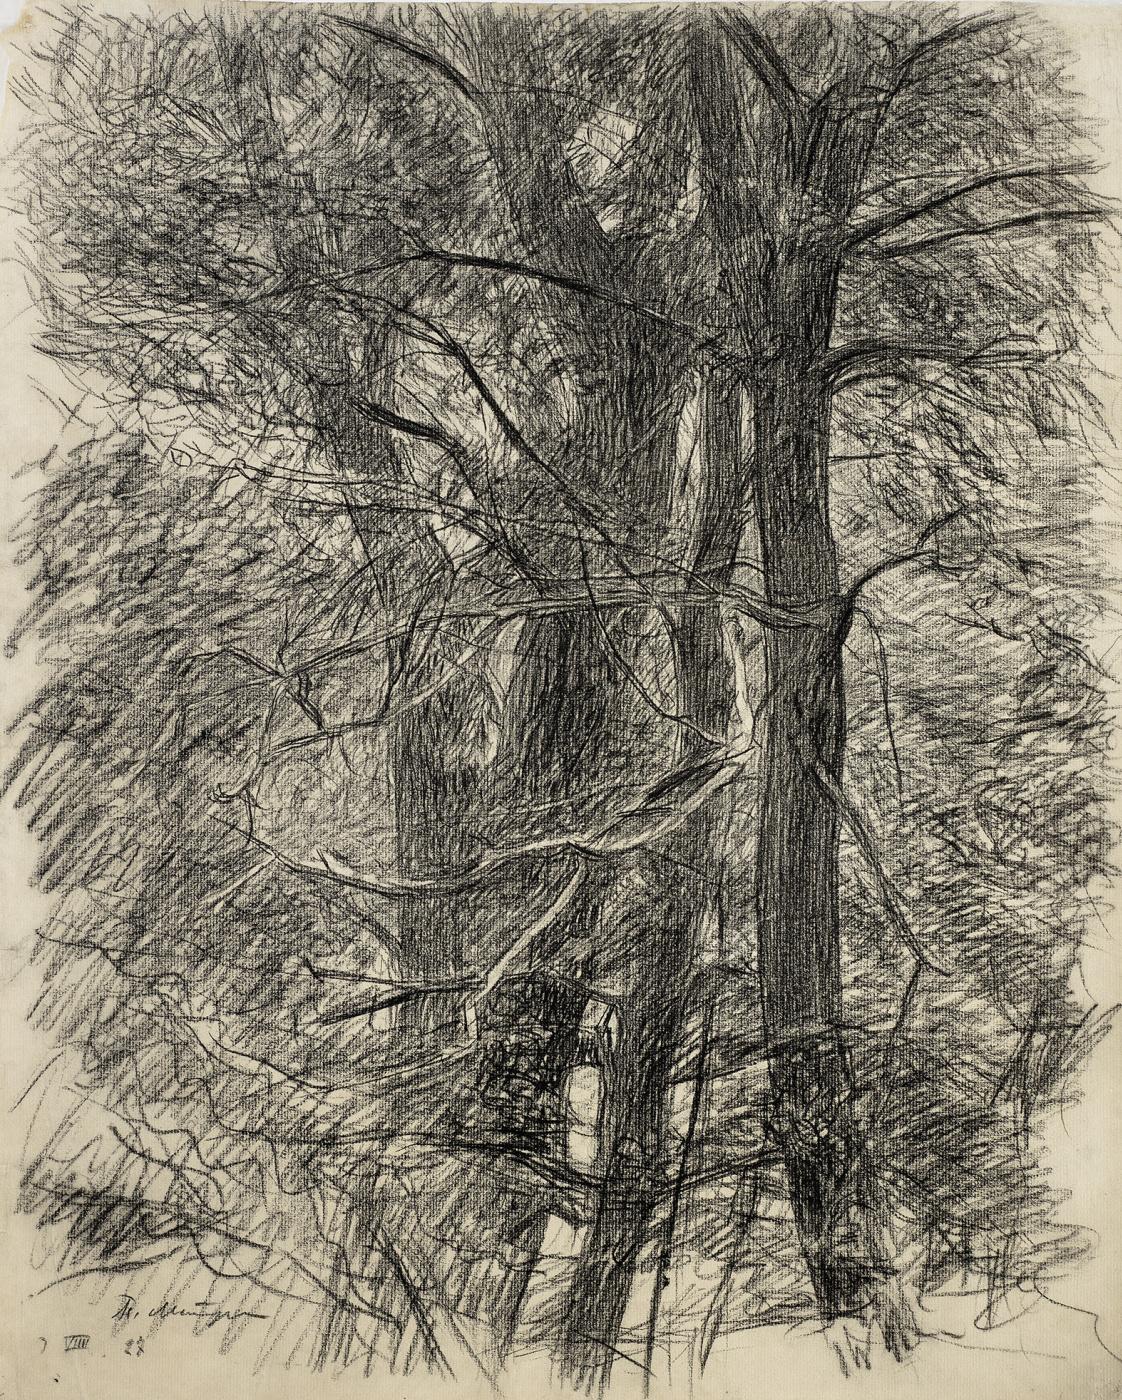 Petr Vasilyevich Miturich. Oak trees